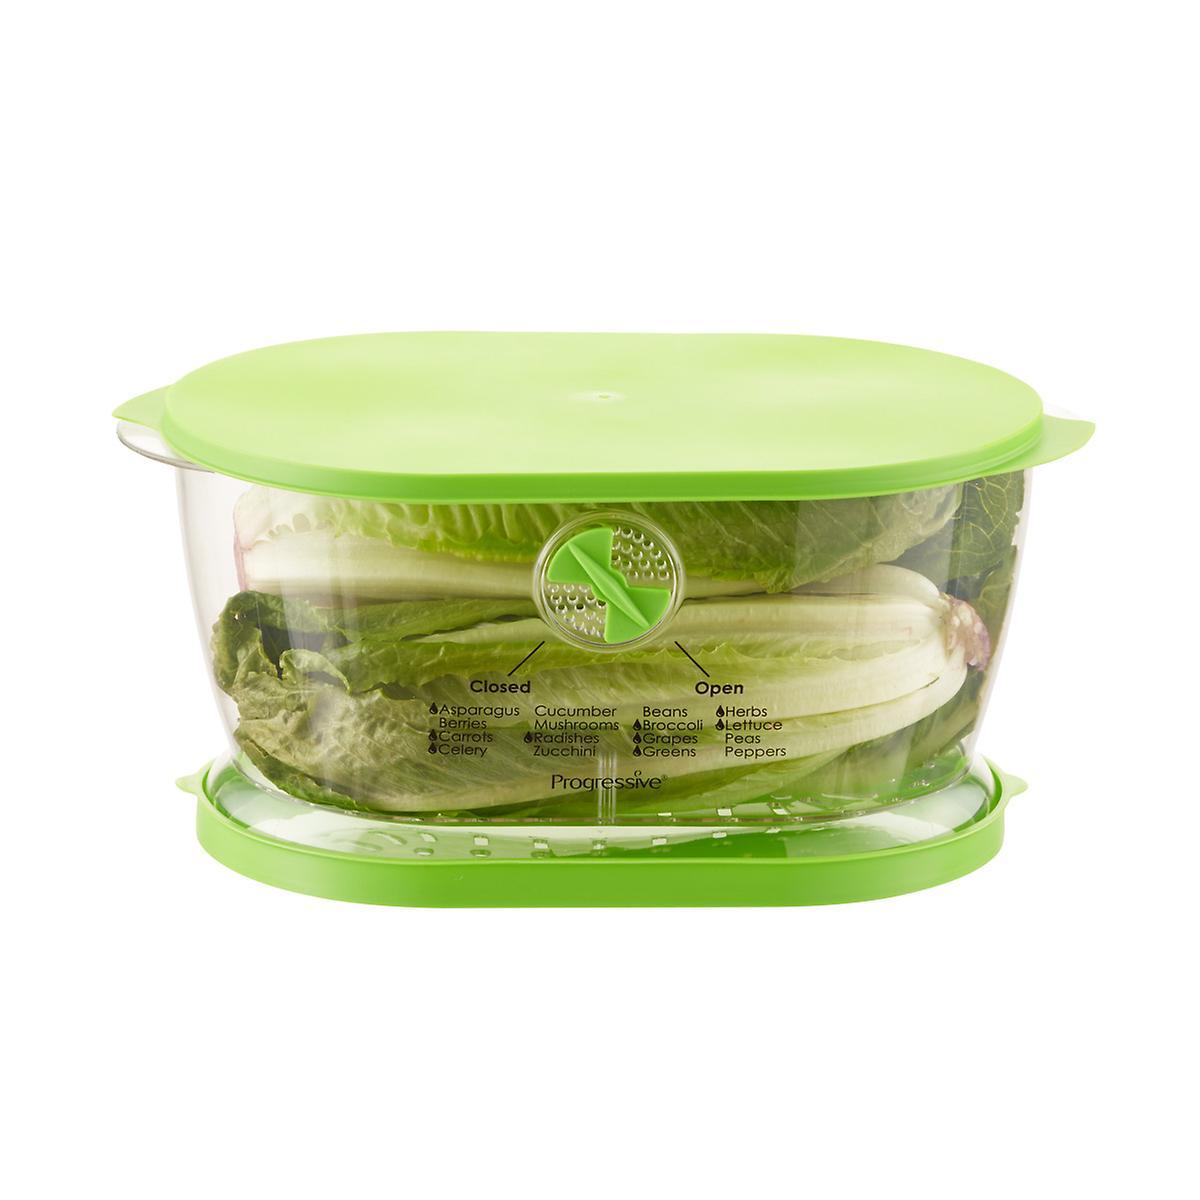 Lettuce & Produce Keeper